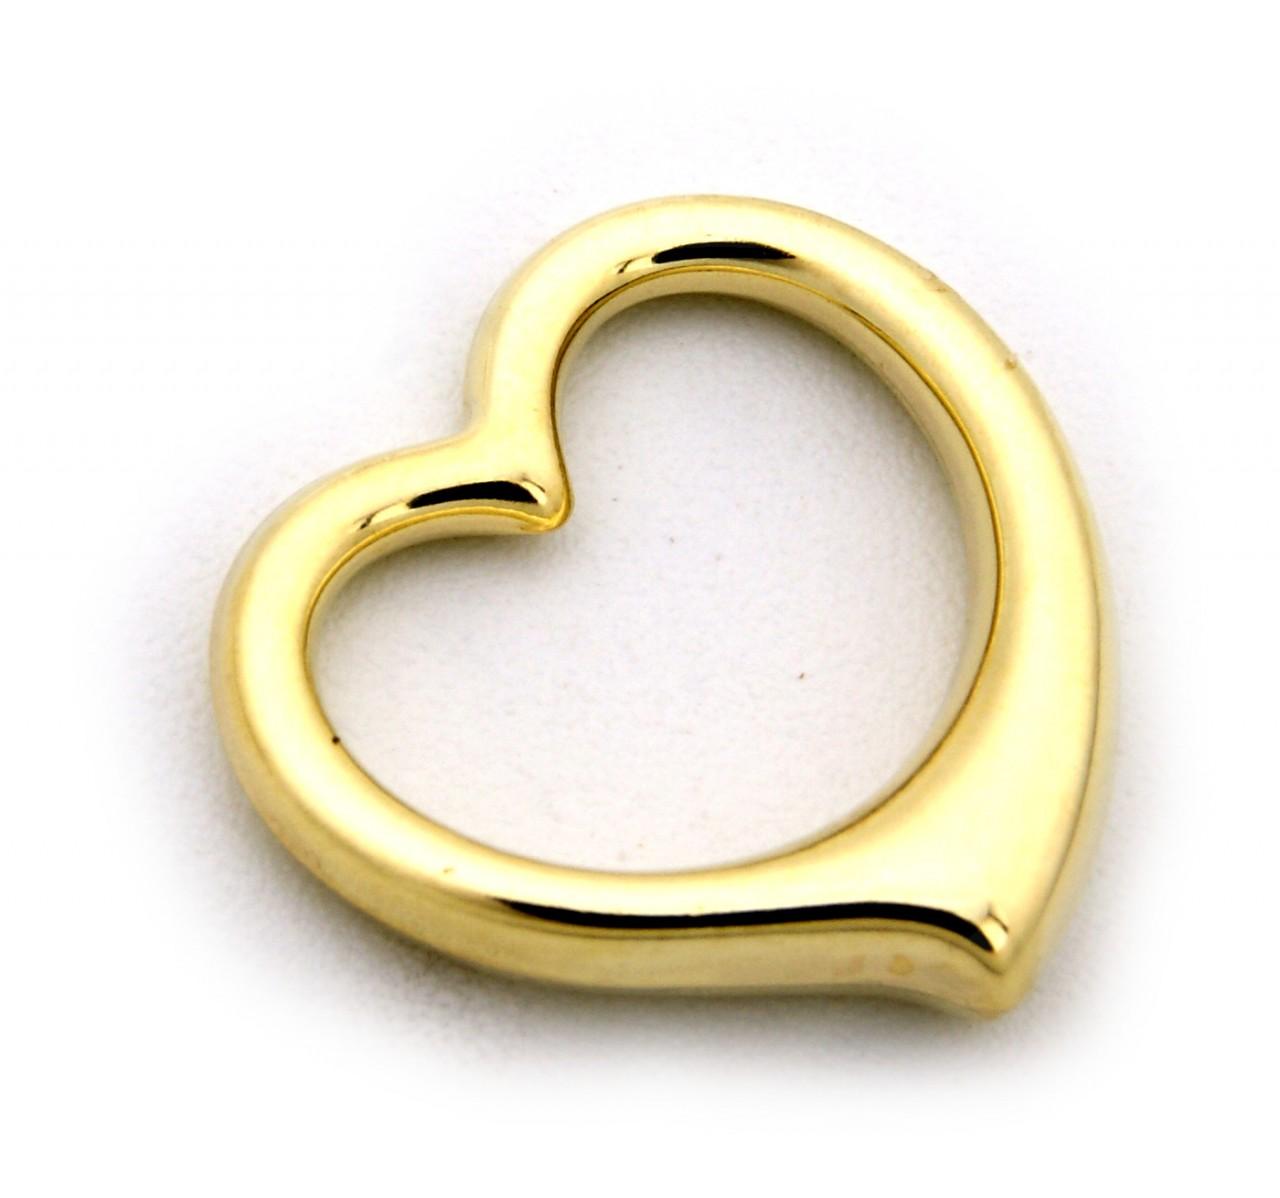 Anhänger Herz 3 D Swinging Heart poliert echt 585 Gold 14 karat Gelbgold Damen